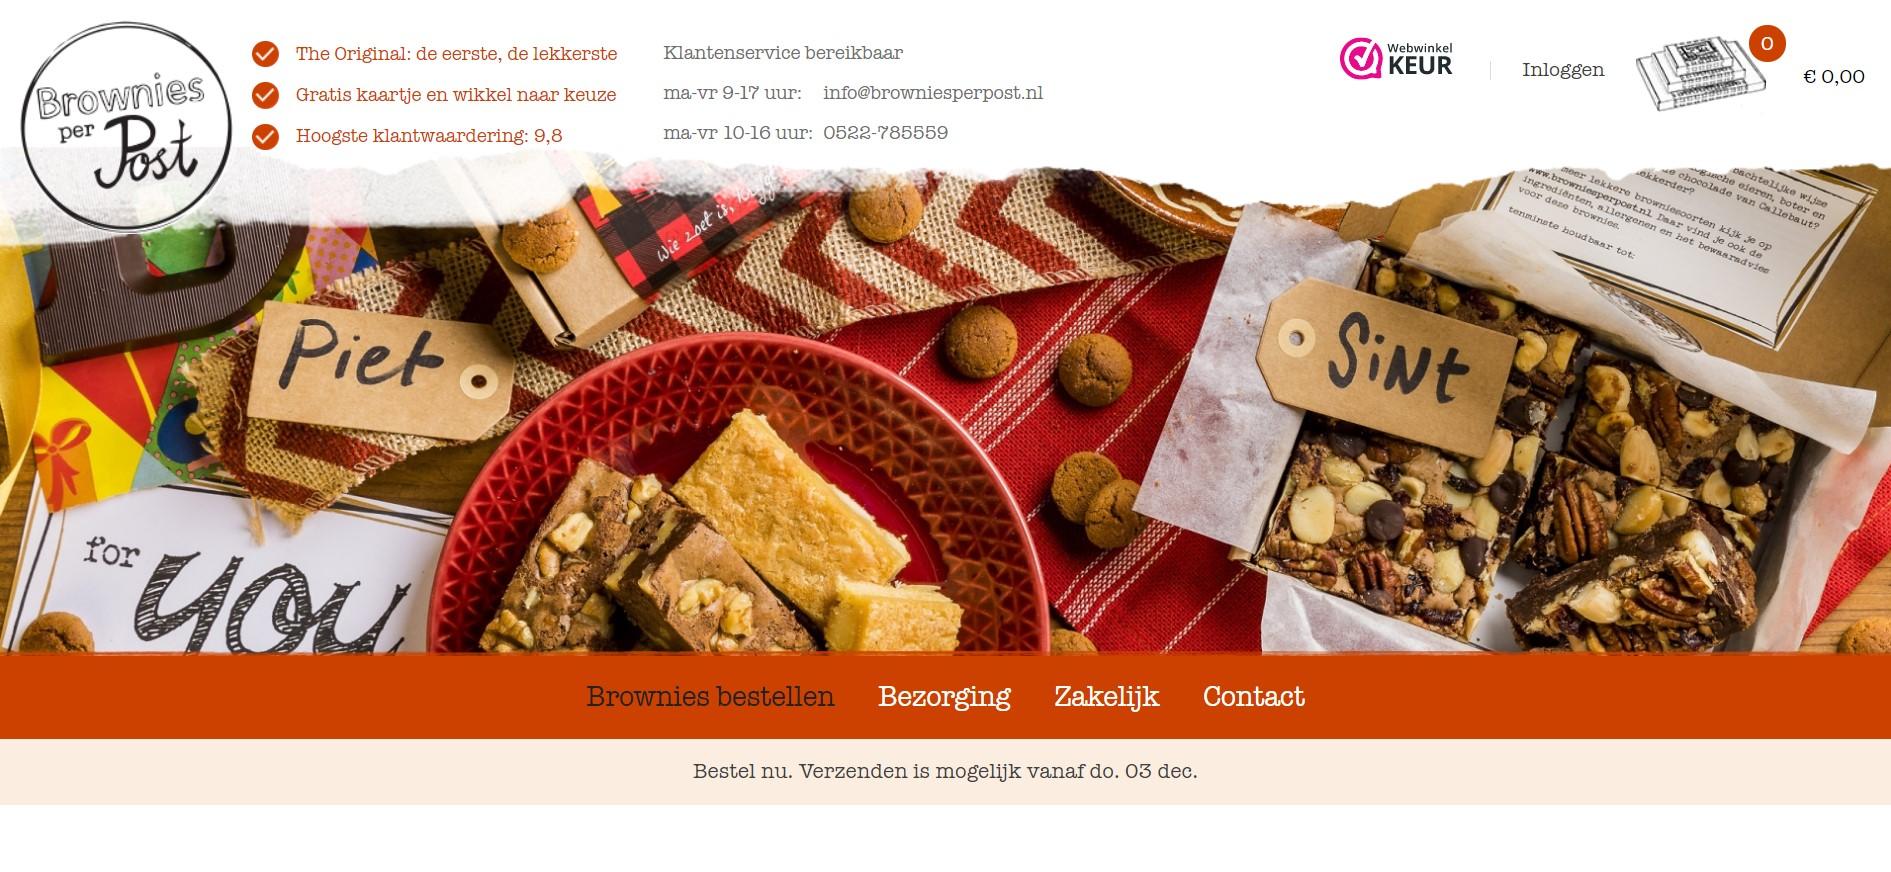 Brownies per post bestellen voor bezorging via de brievenbus.